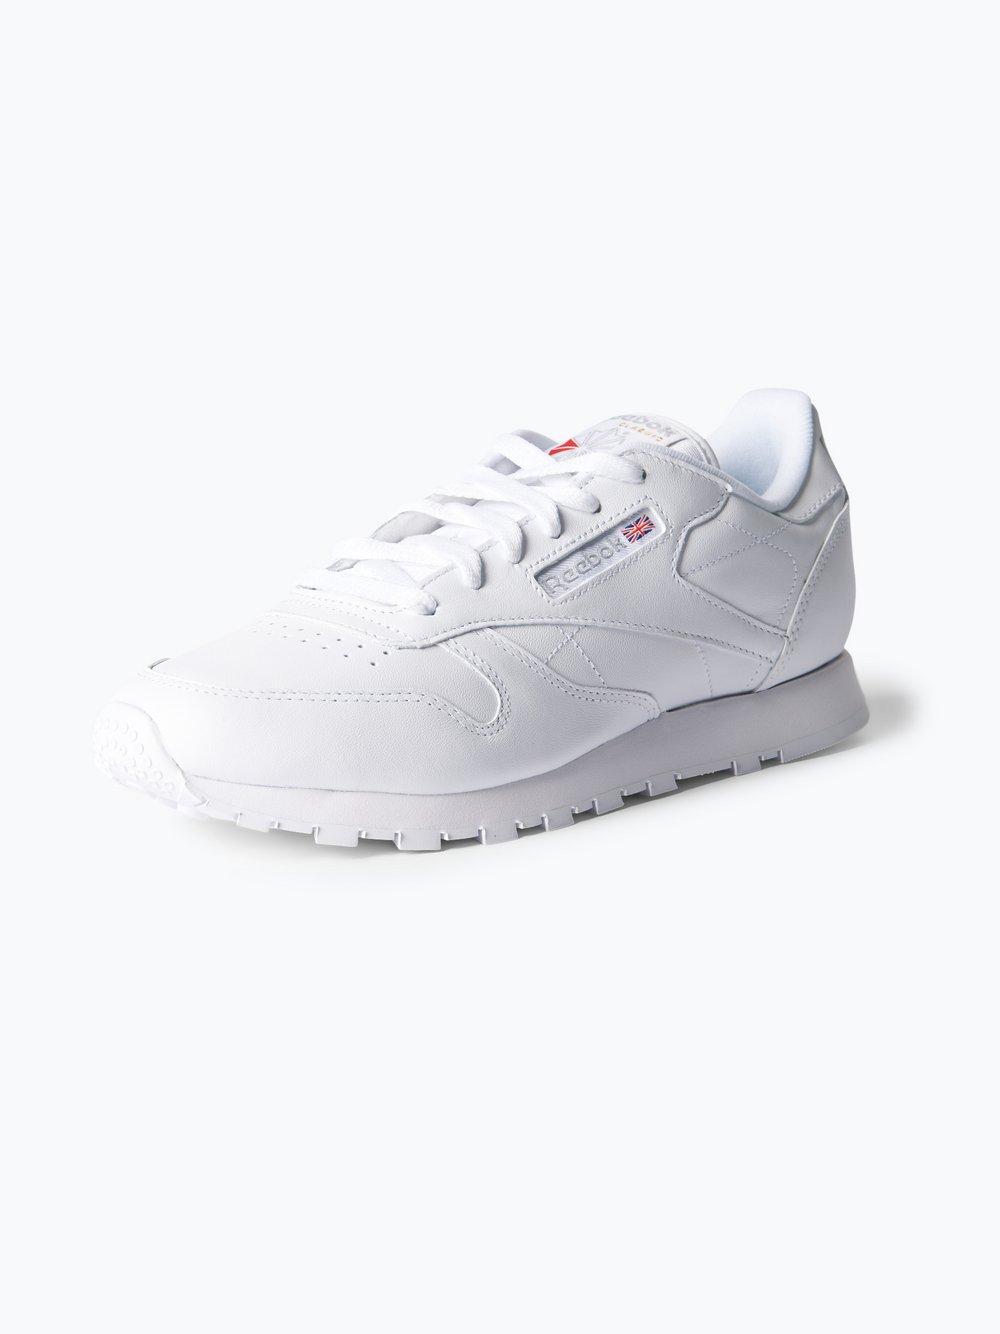 Reebok - Damskie tenisówki ze skóry, biały